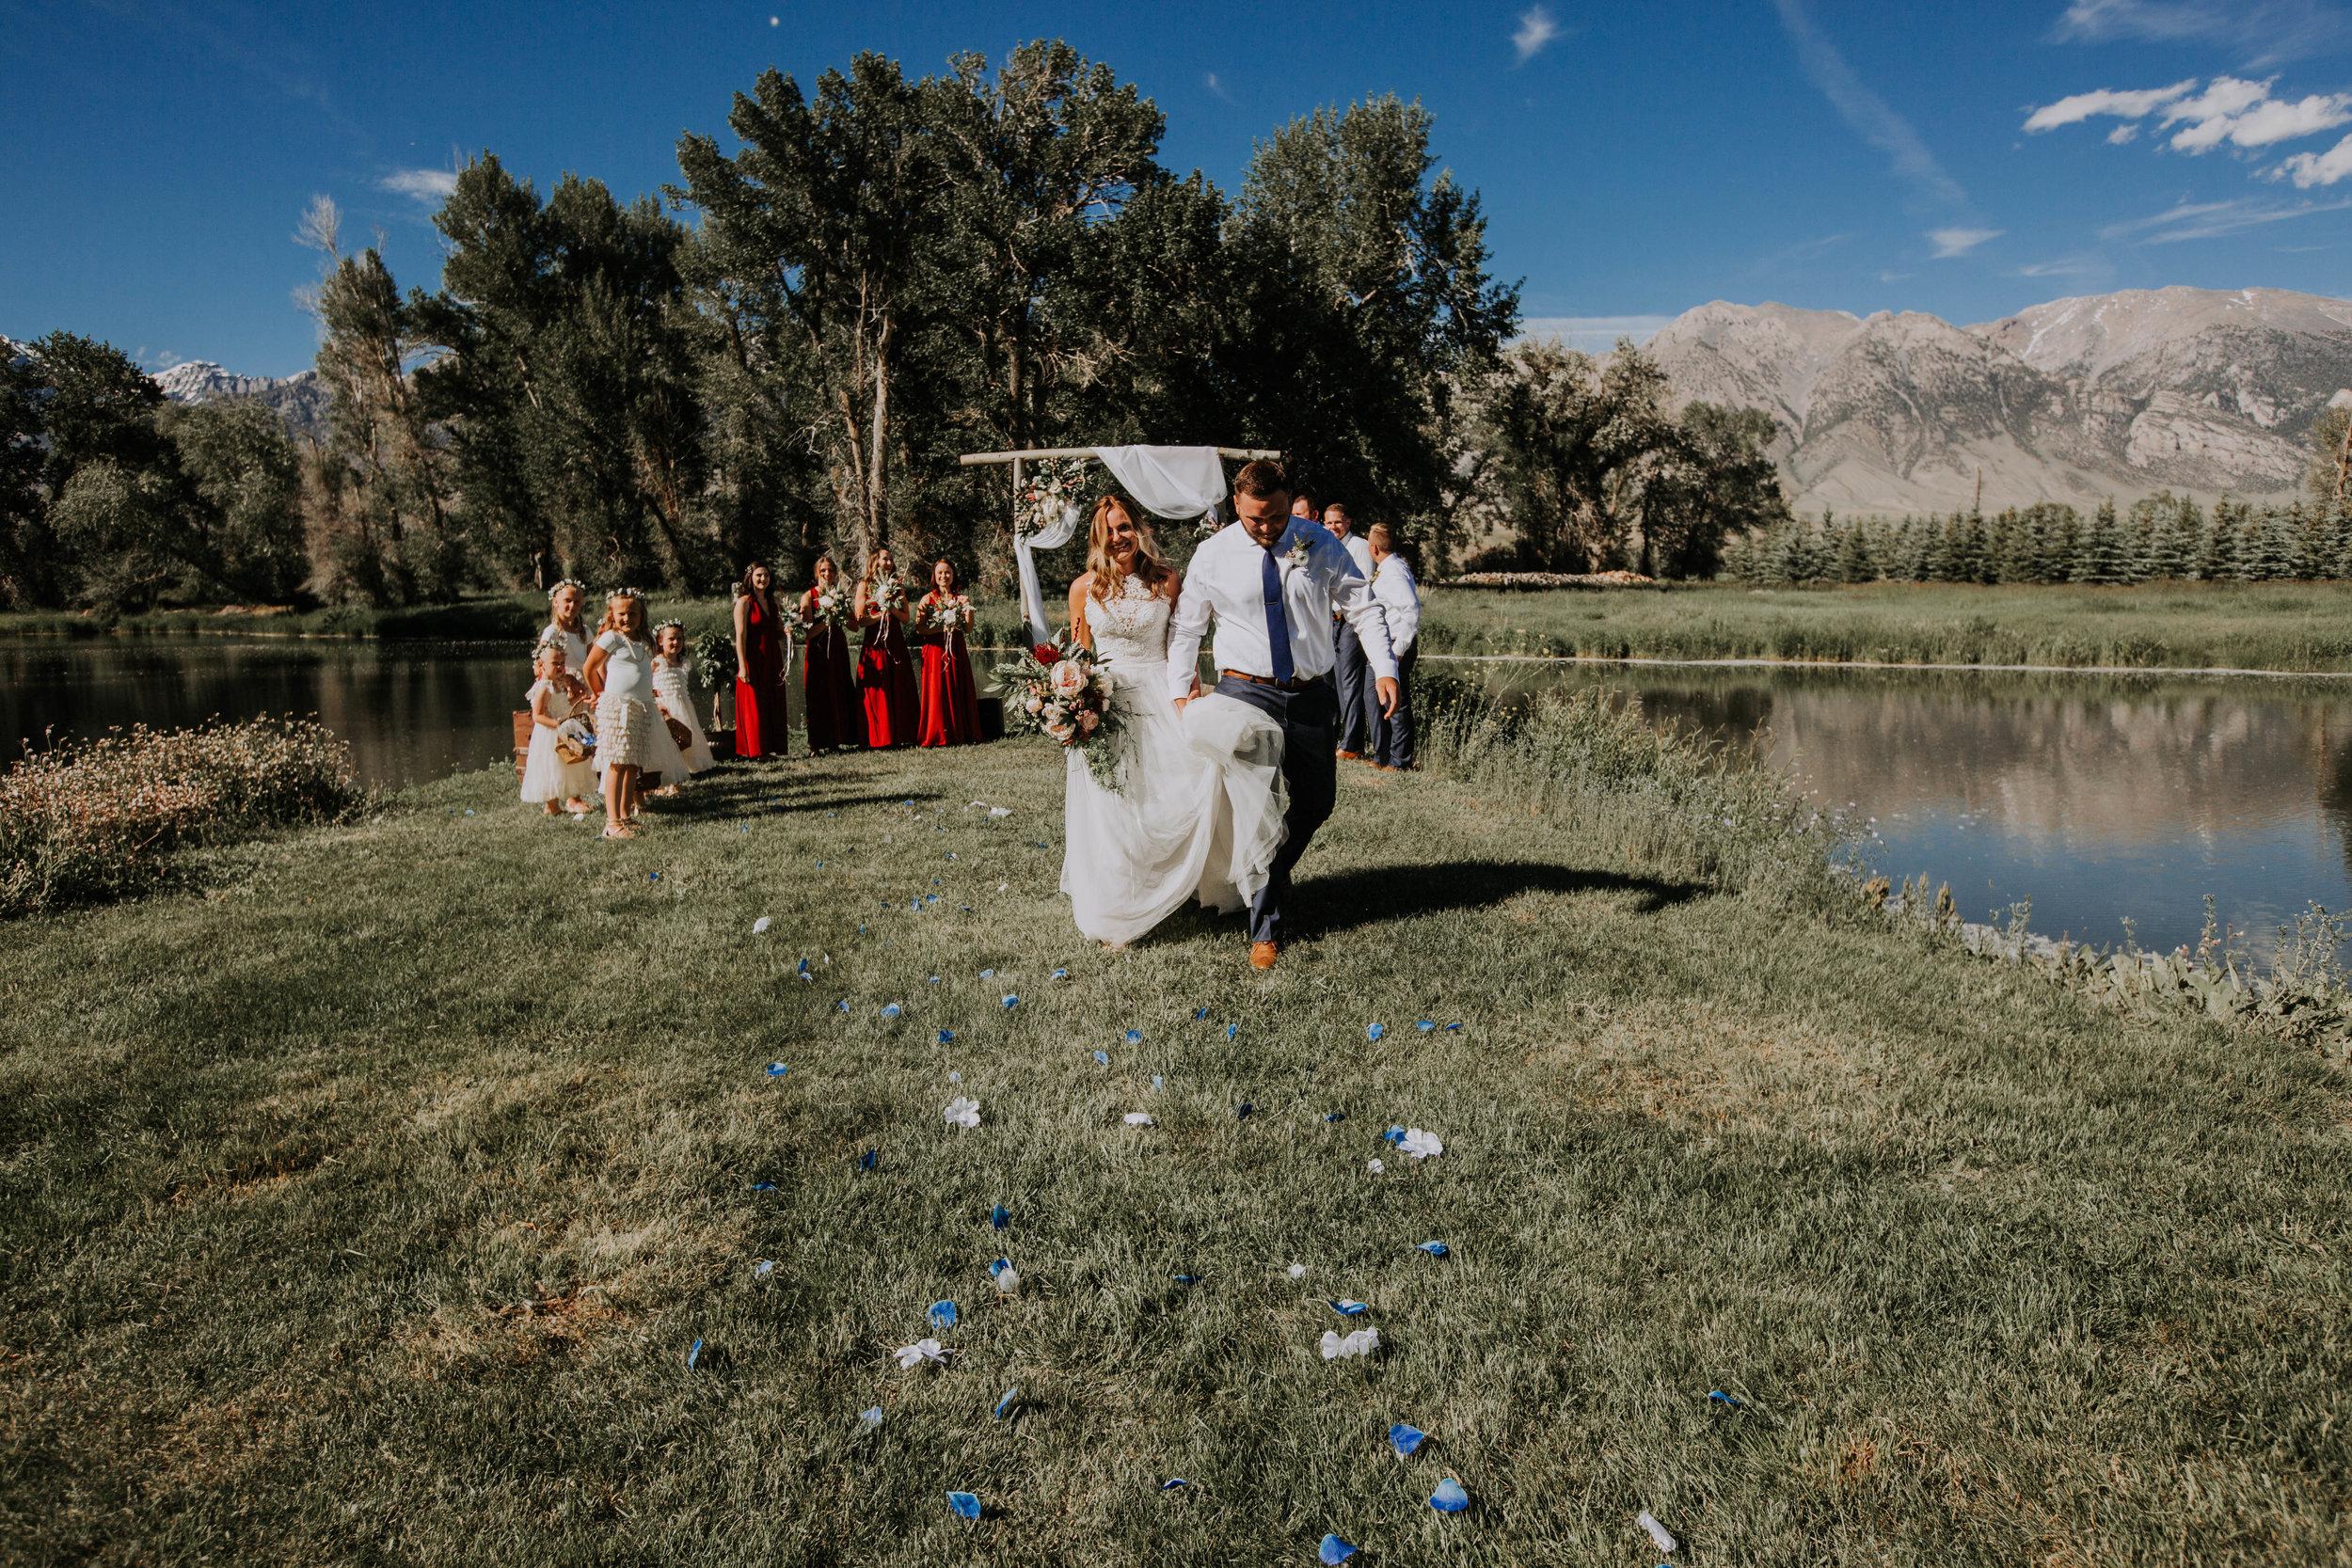 Mackay Idaho Wedding venue   Idaho Wedding